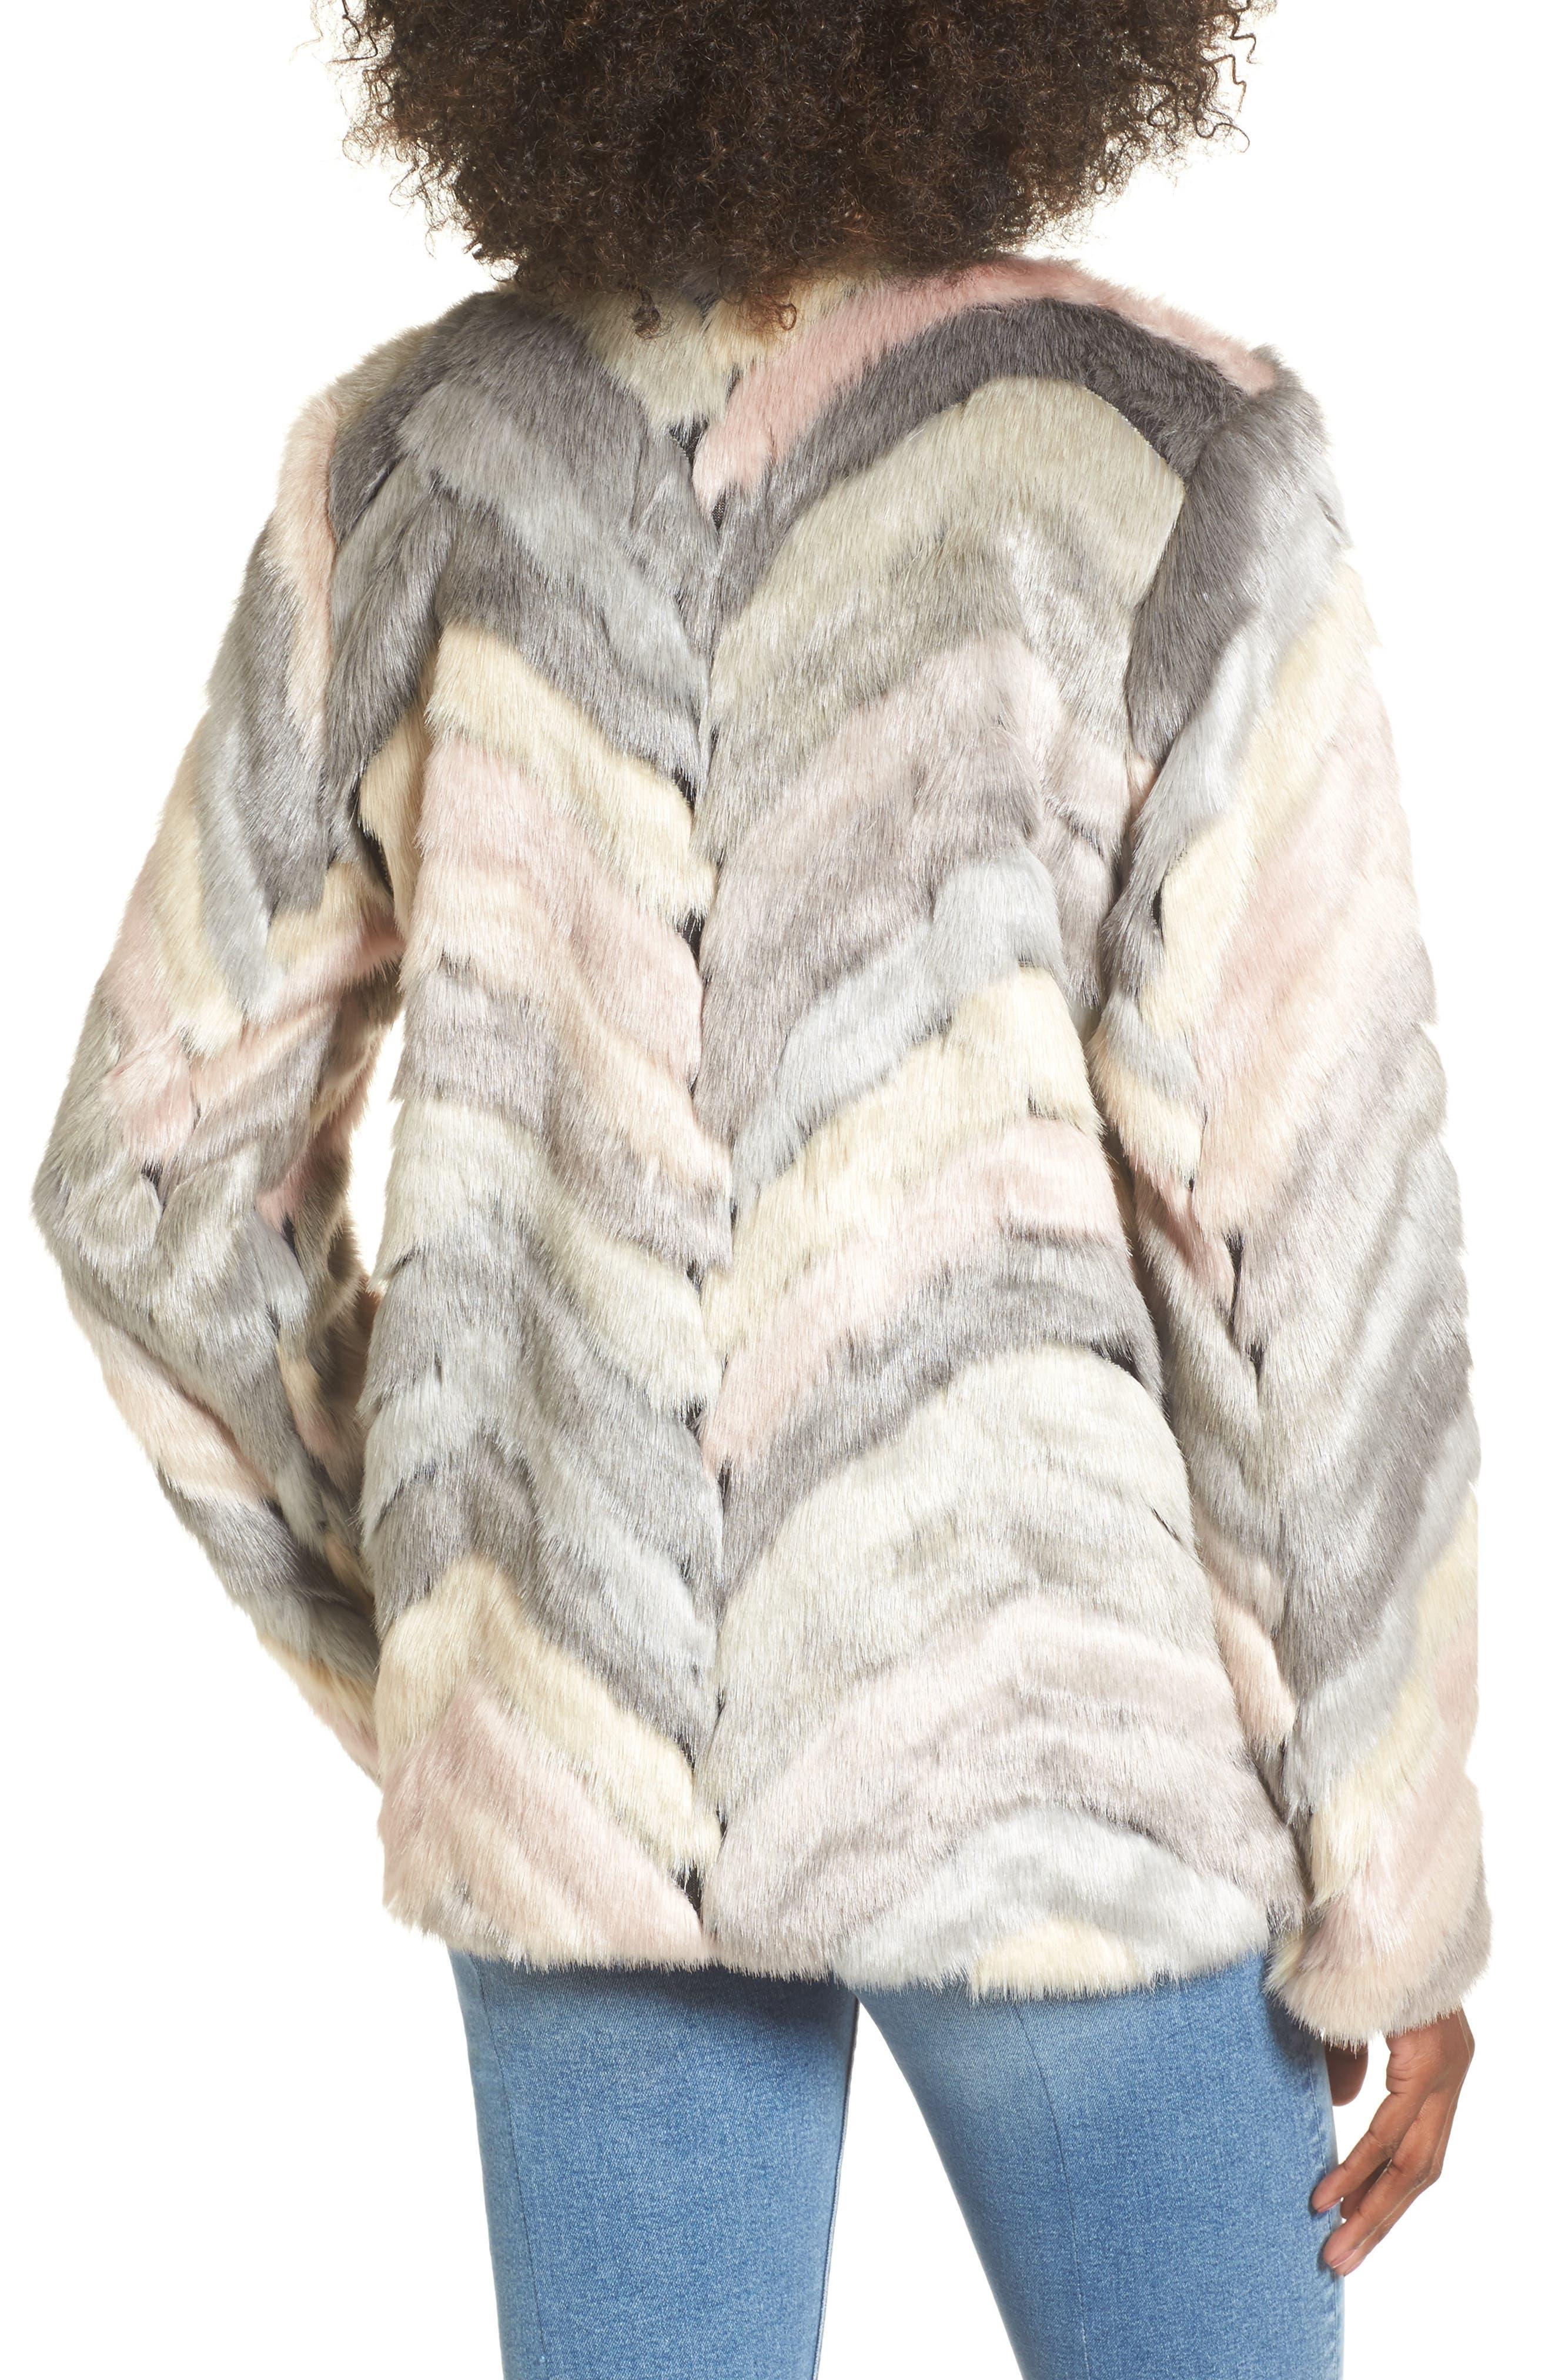 Voila Faux Fur Jacket,                             Alternate thumbnail 2, color,                             Multi